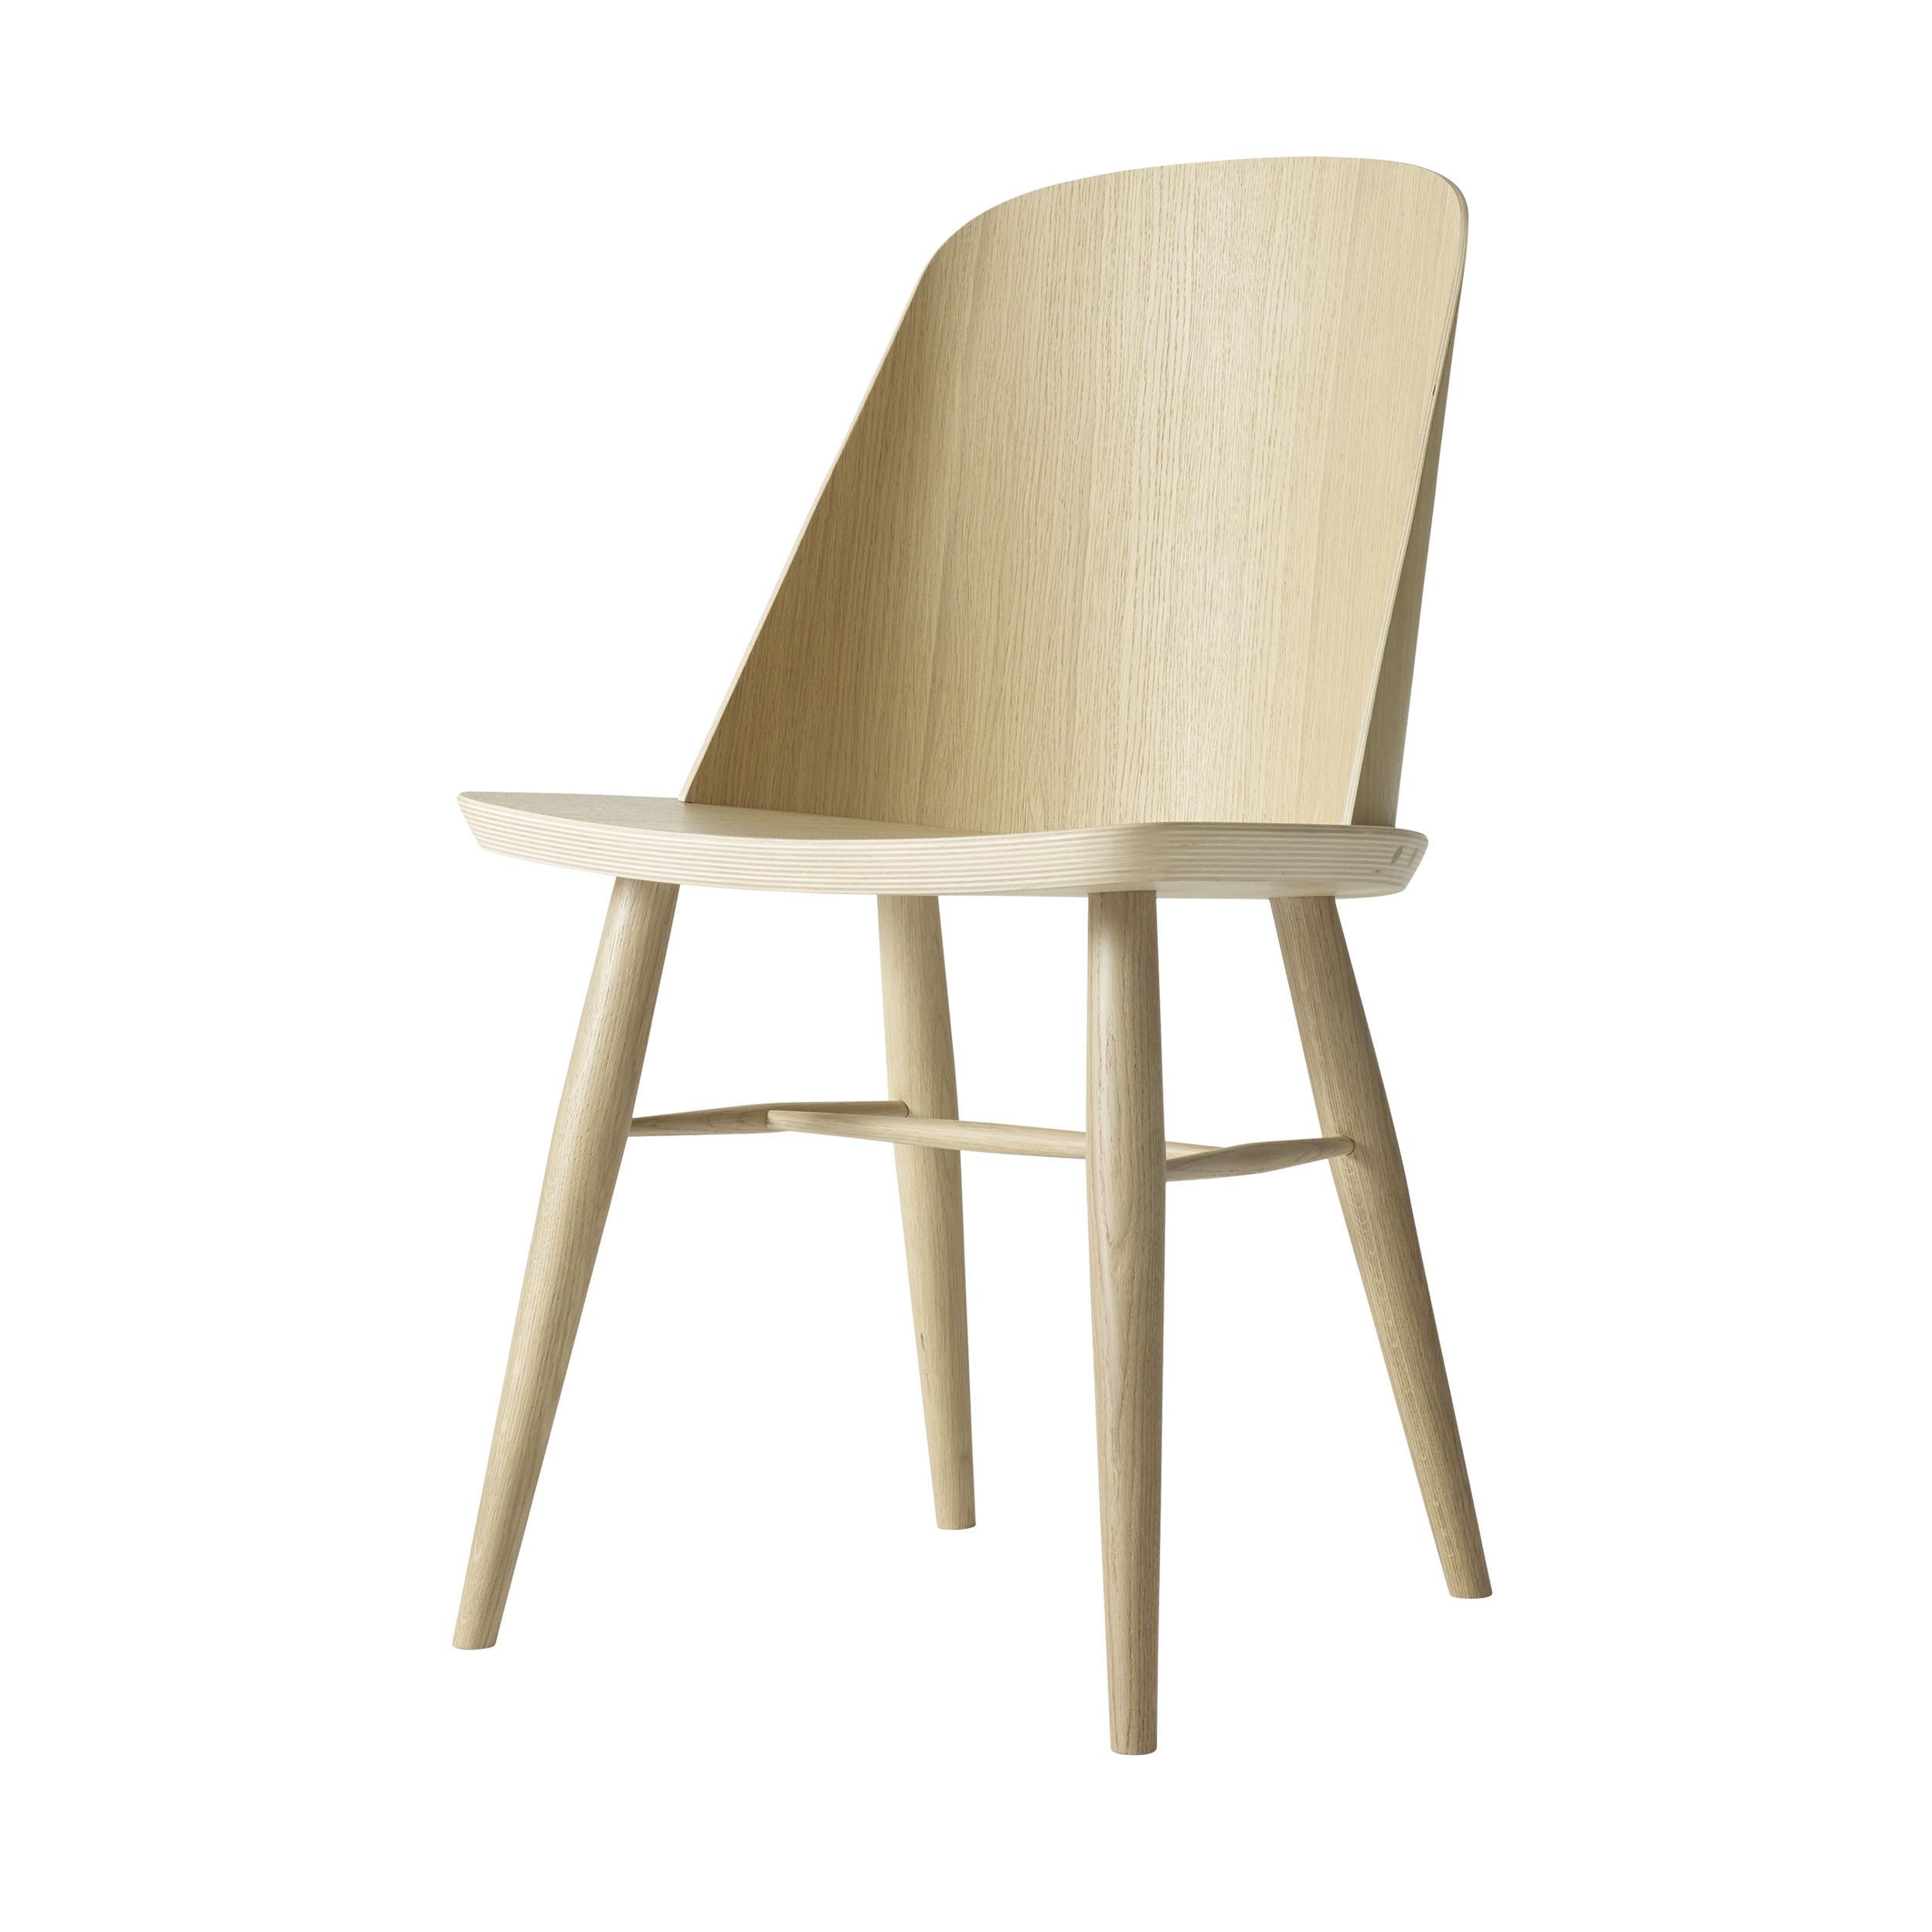 synnes eiche stuhl natur online kaufen bei woonio. Black Bedroom Furniture Sets. Home Design Ideas